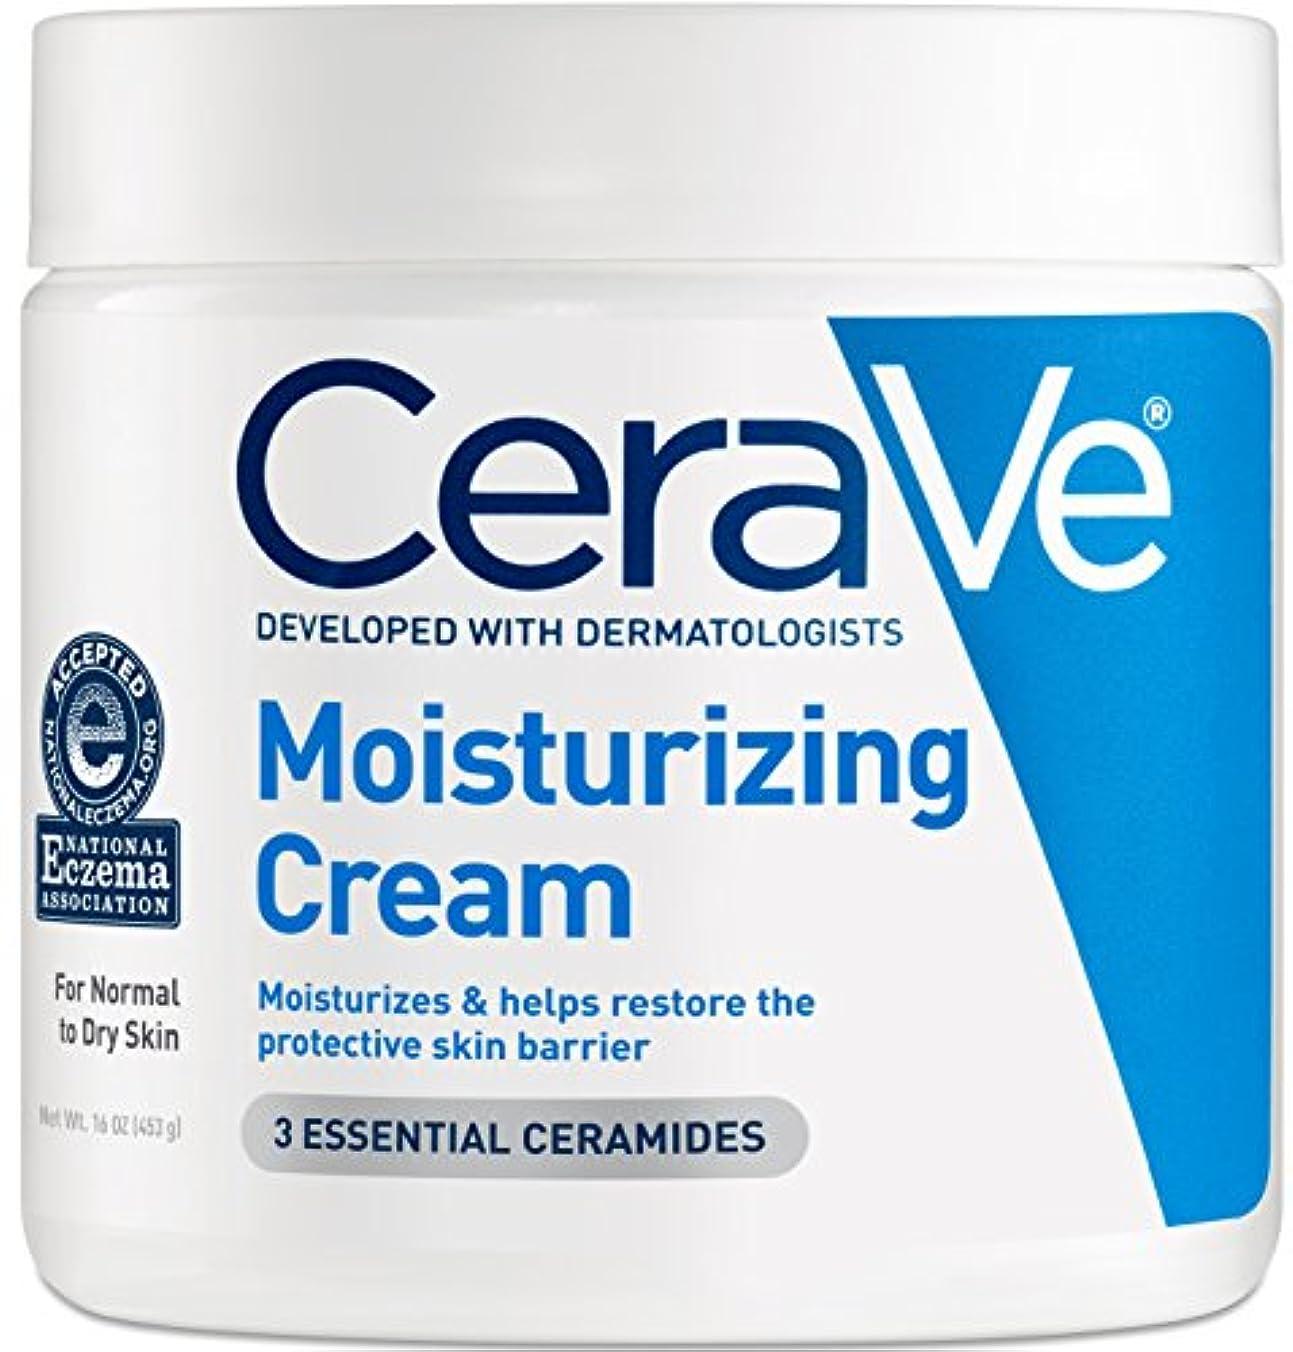 軍艦コンソール疲労海外直送品Cerave Cerave Moisturizing Cream, 16 oz